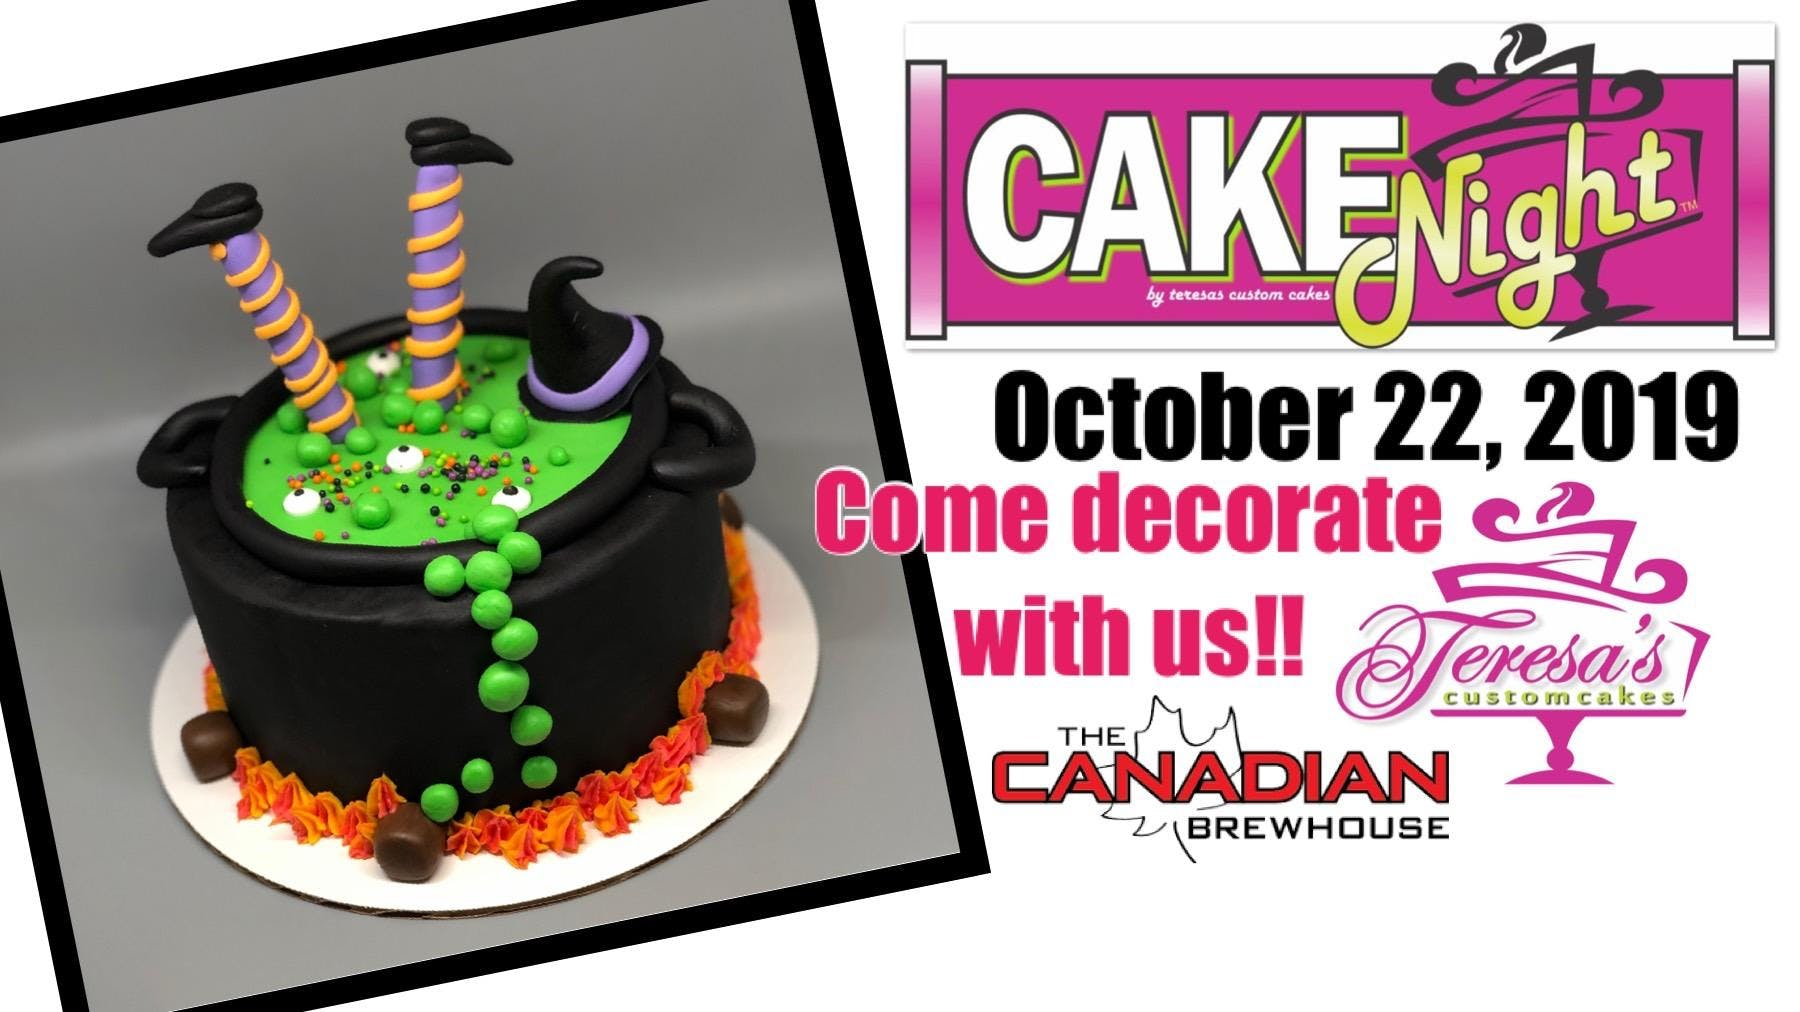 CakeNight Special Event